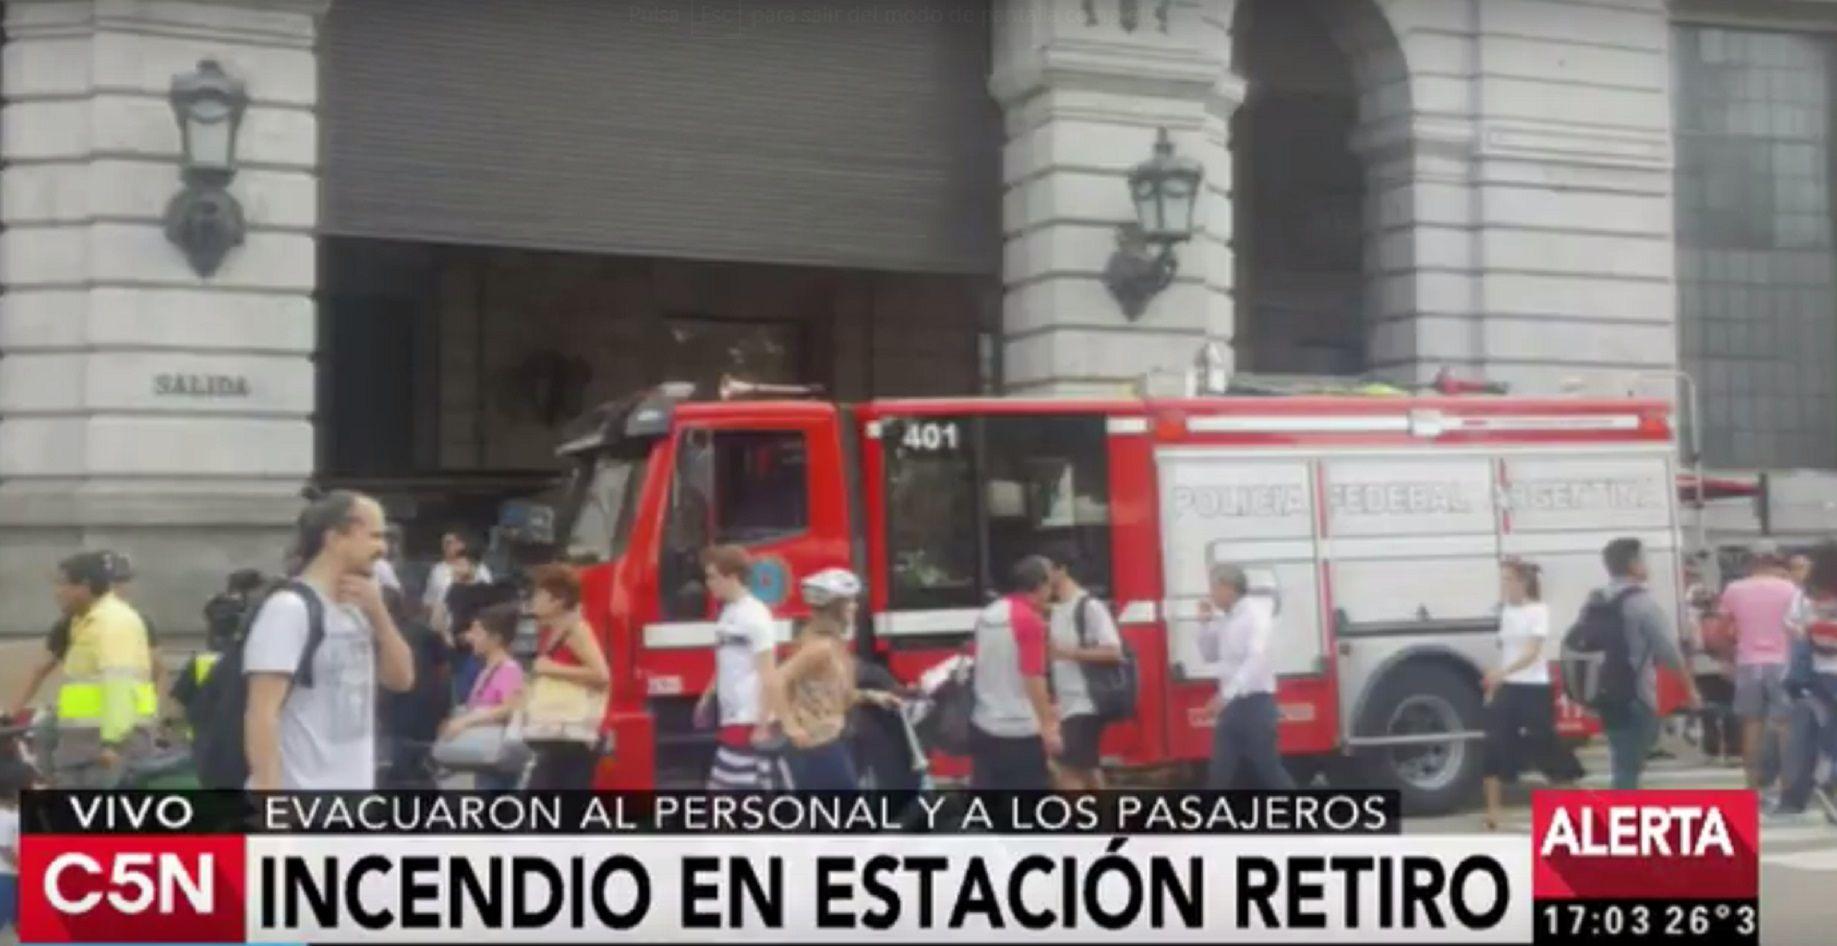 Incendio en la estación de Retiro: evacuaron al personal y a los pasajeros